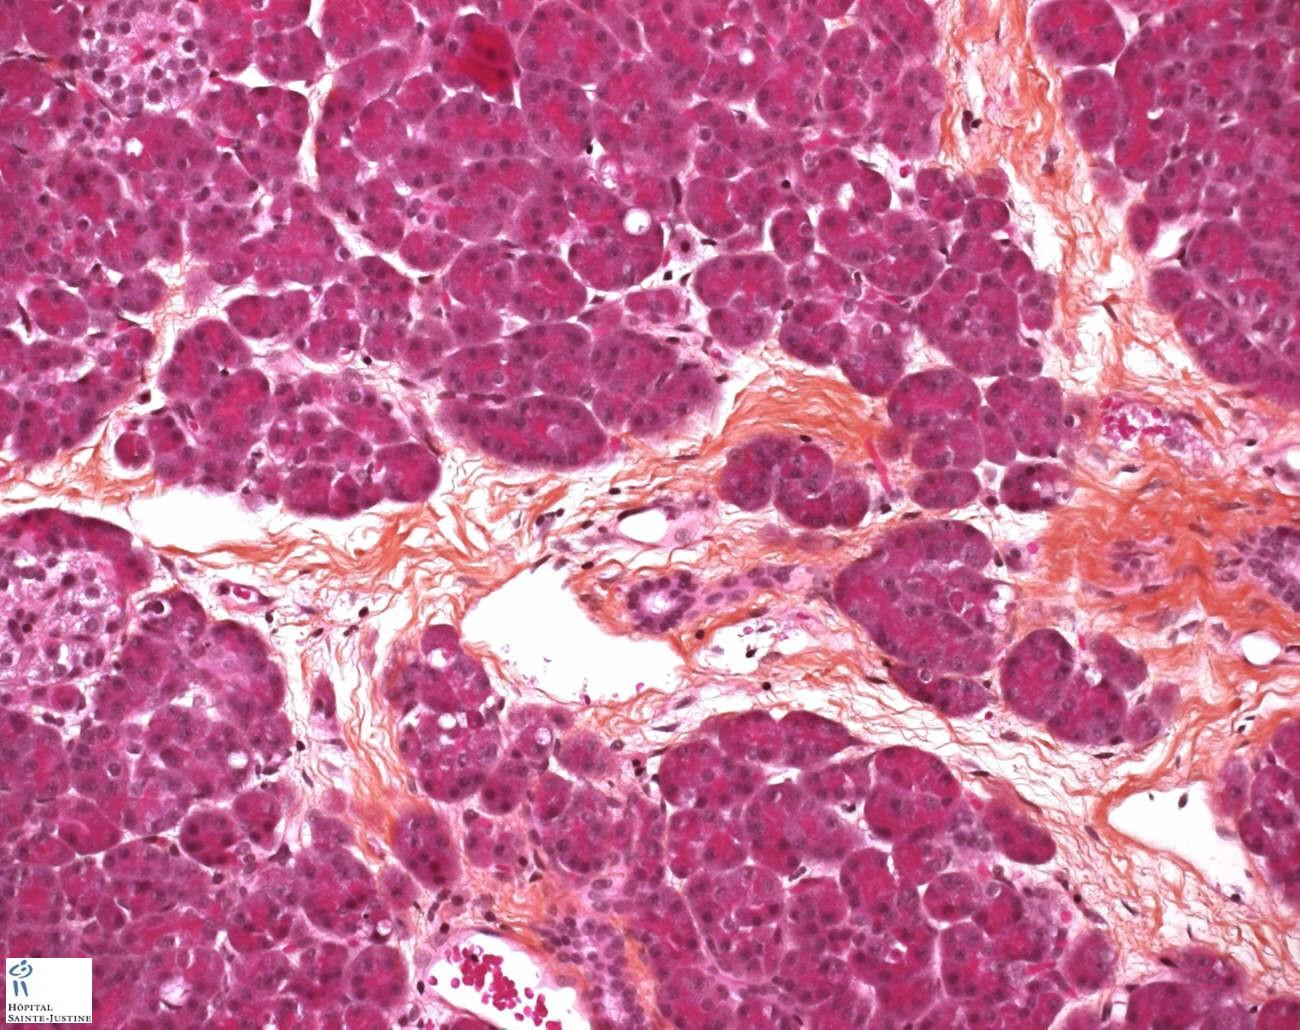 Normal Pancreas